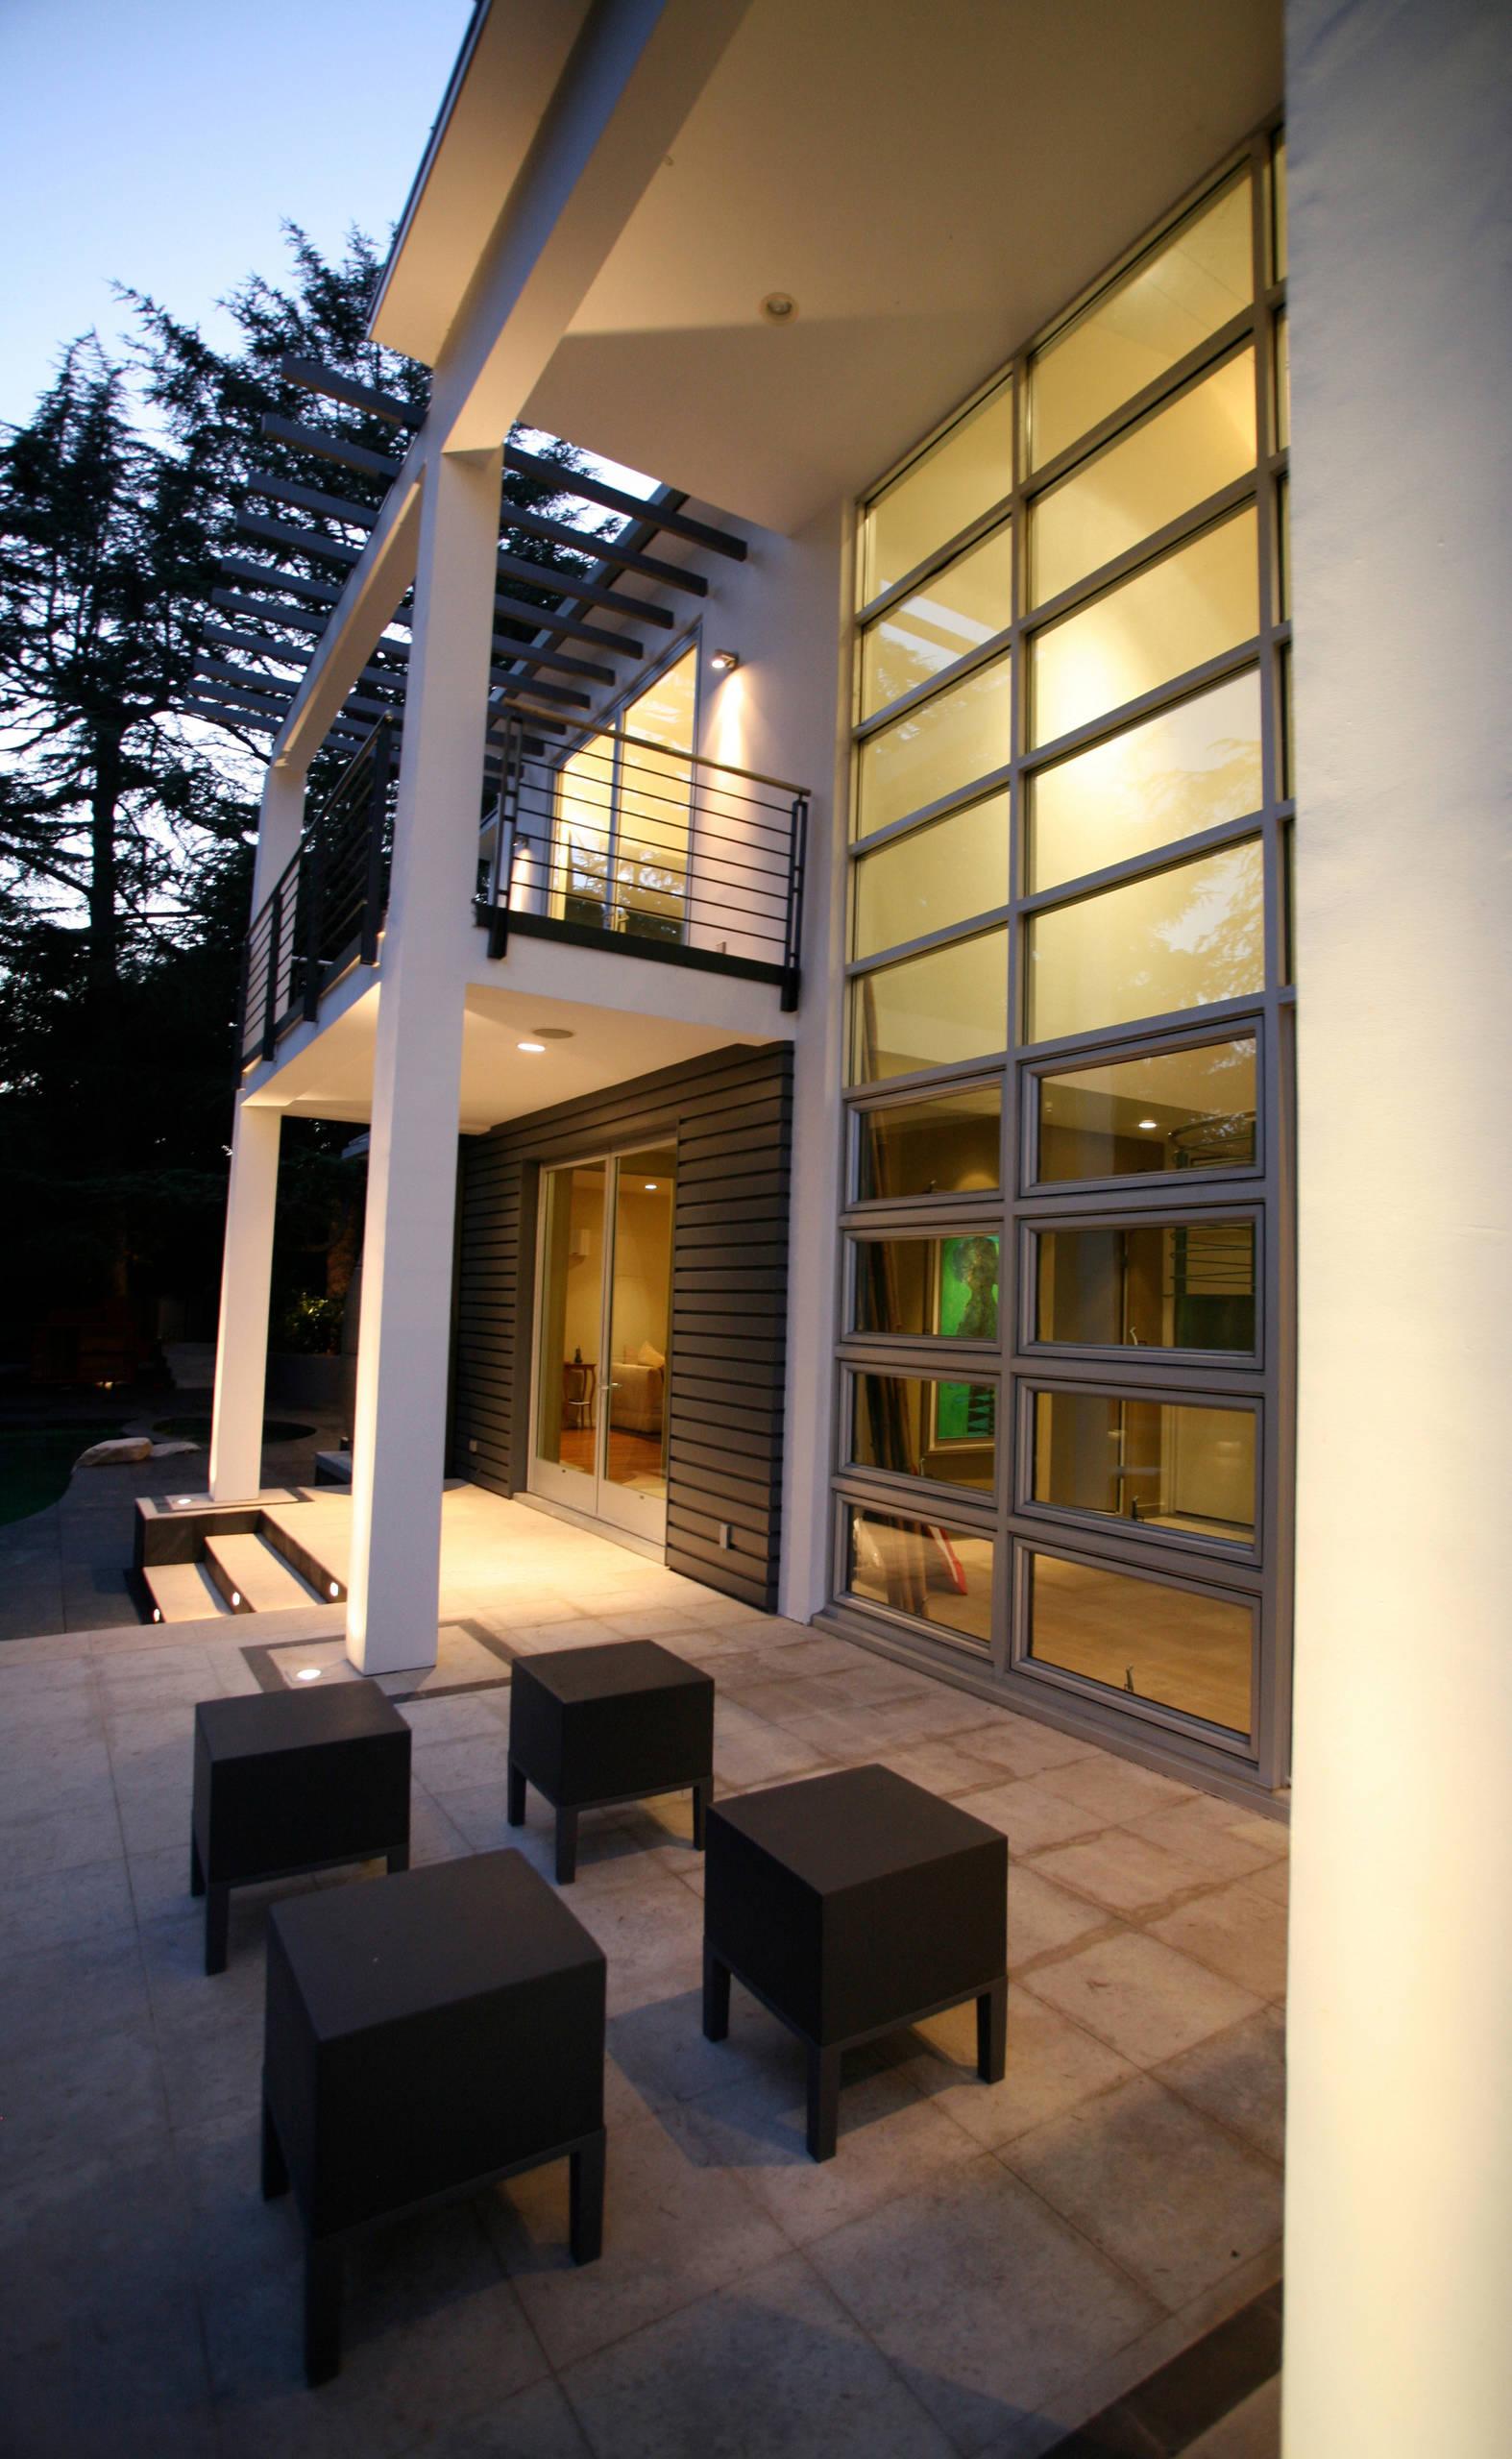 Modern Residence in La Canada Flintridge